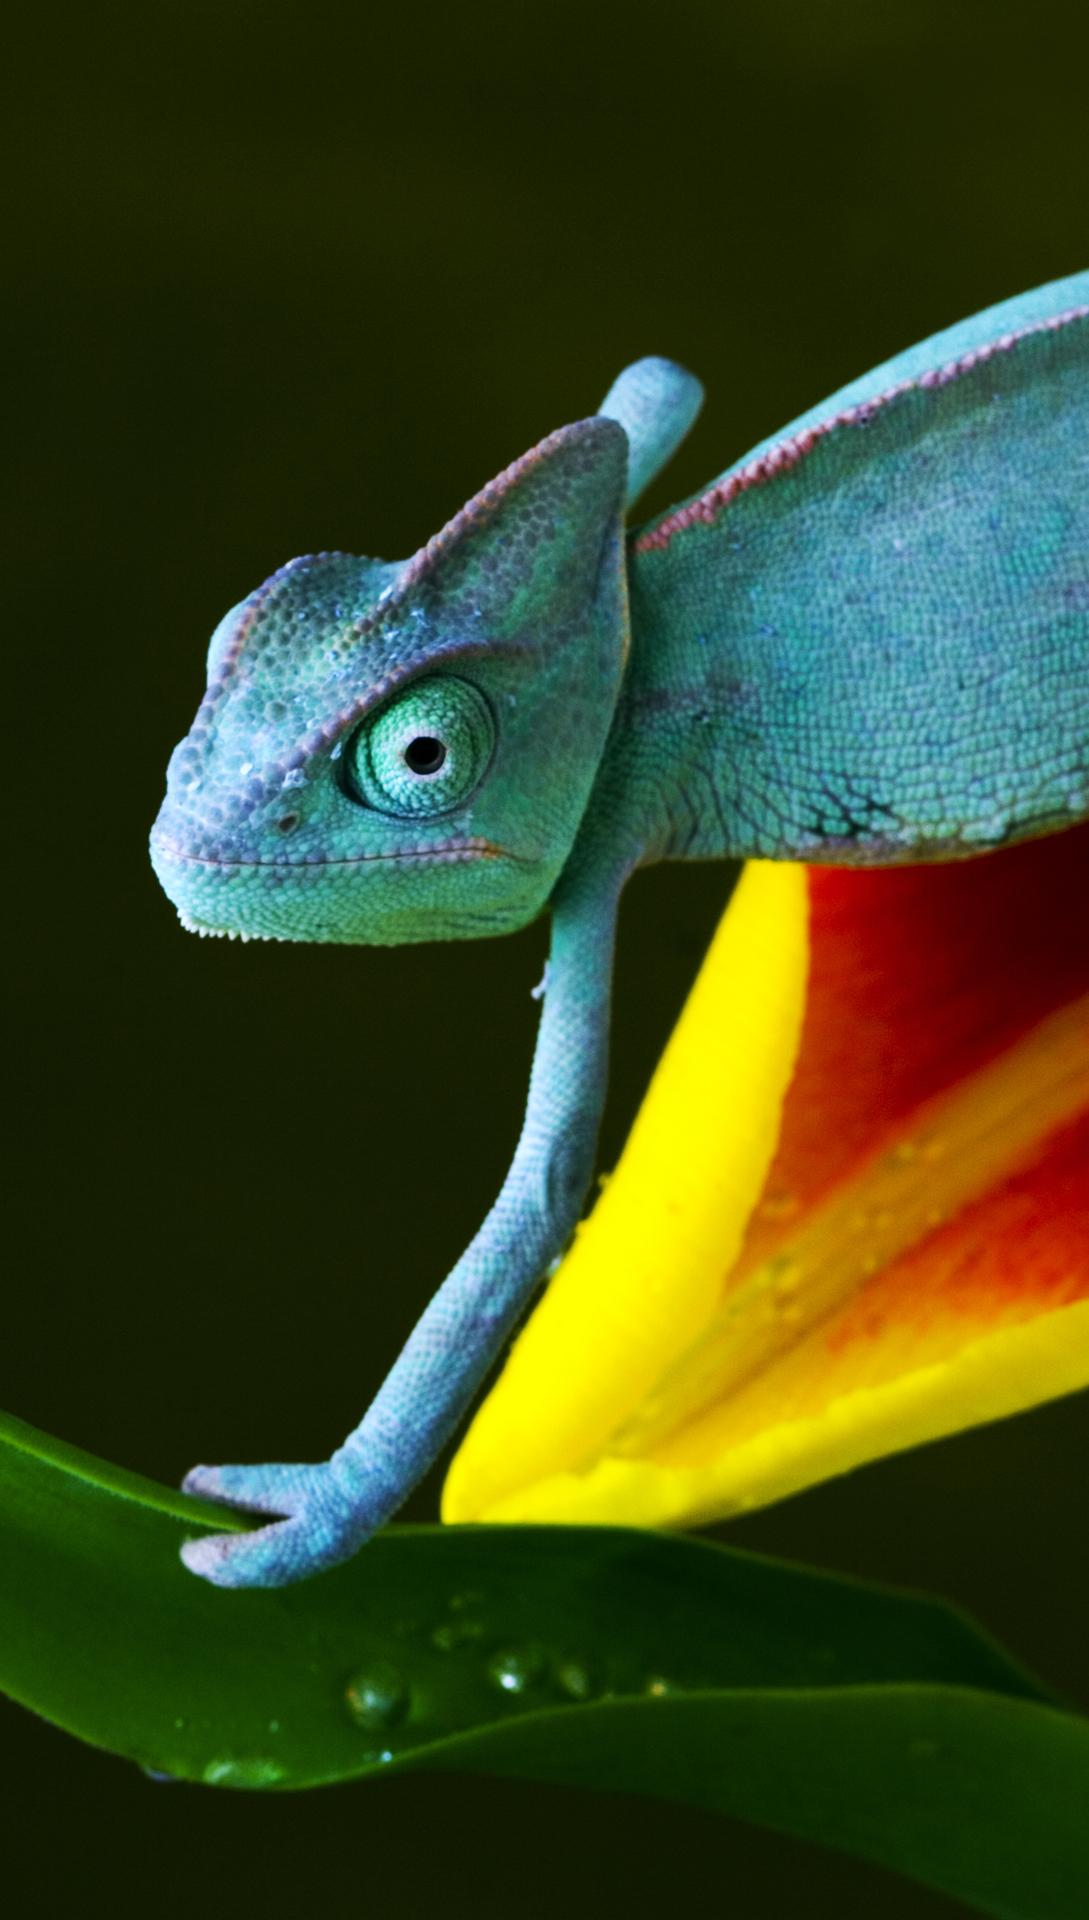 Chameleon htc one wallpaper